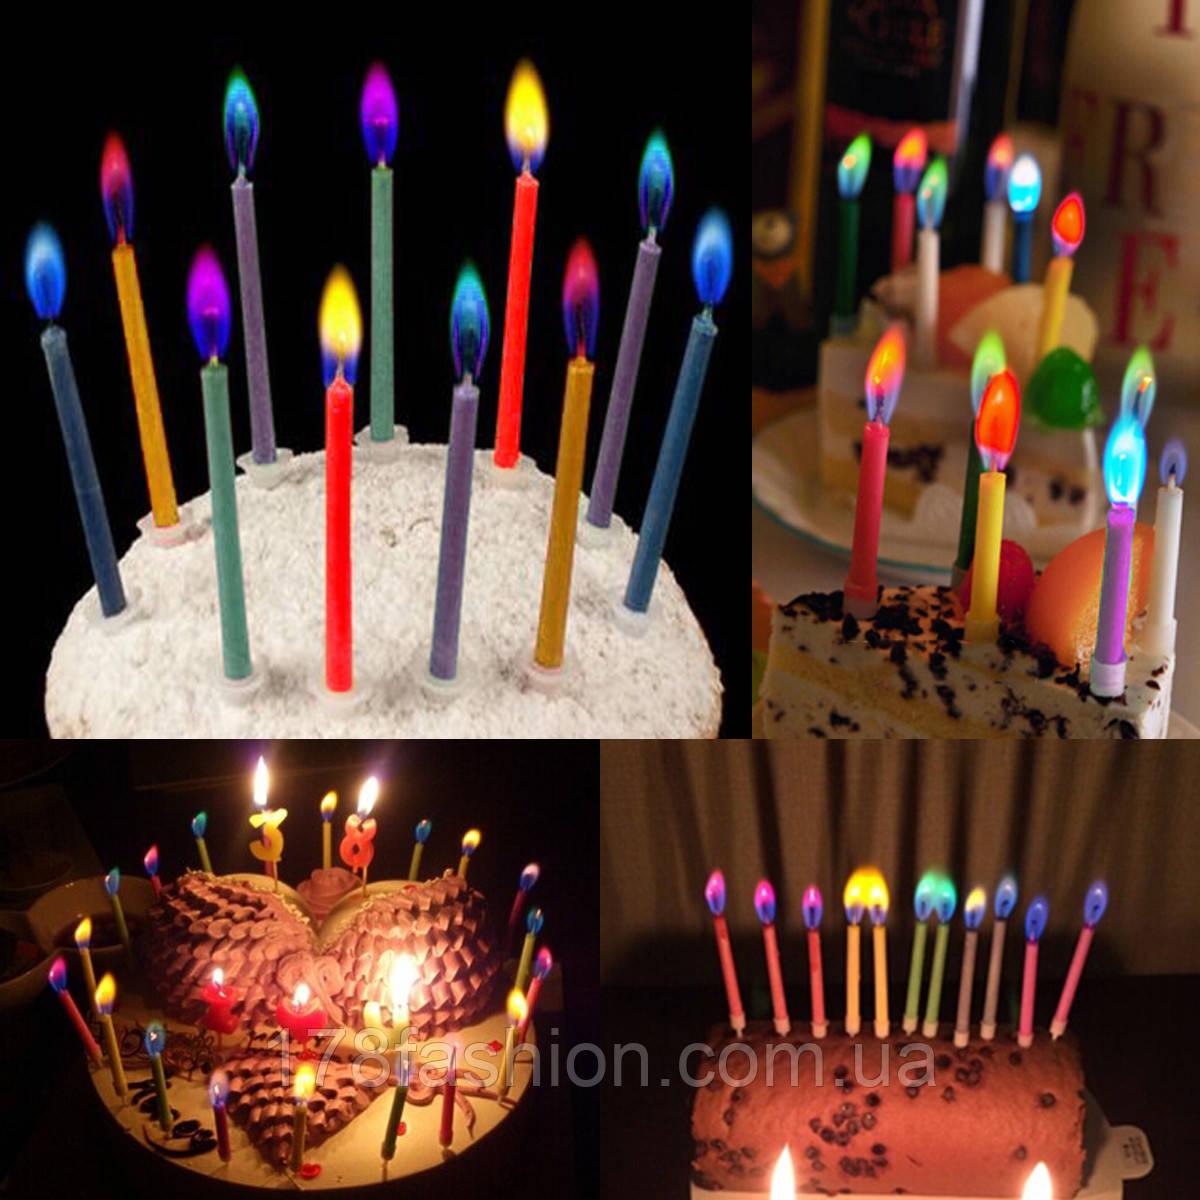 Набор праздничных свечей для торта из 5 штук с цветным пламенем